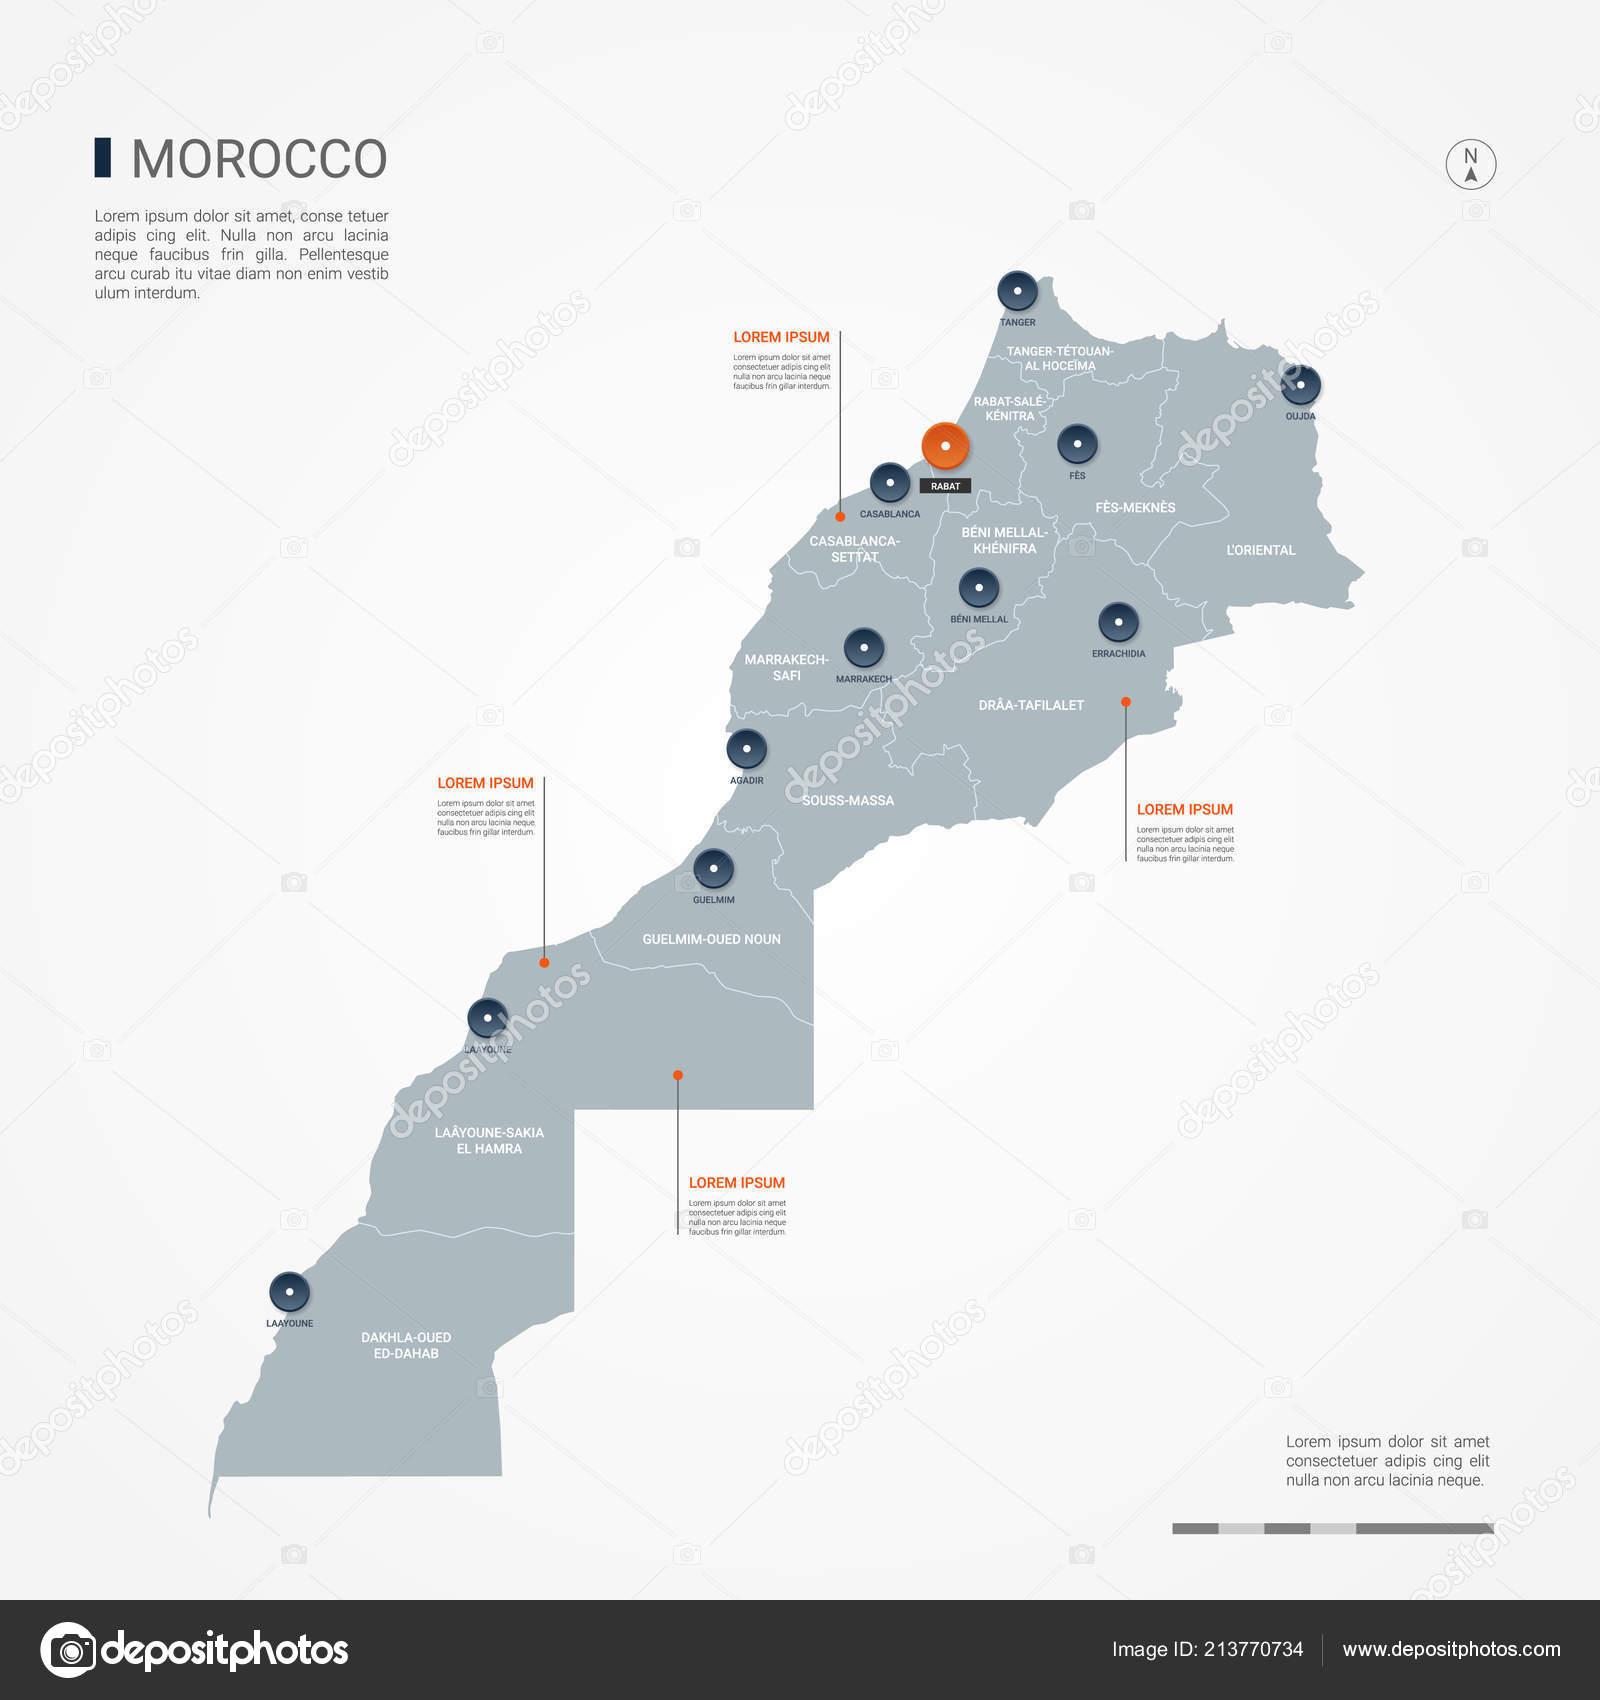 Mapa De Marruecos Ciudades.Mapa Marruecos Con Fronteras Ciudades Capital Organizacion